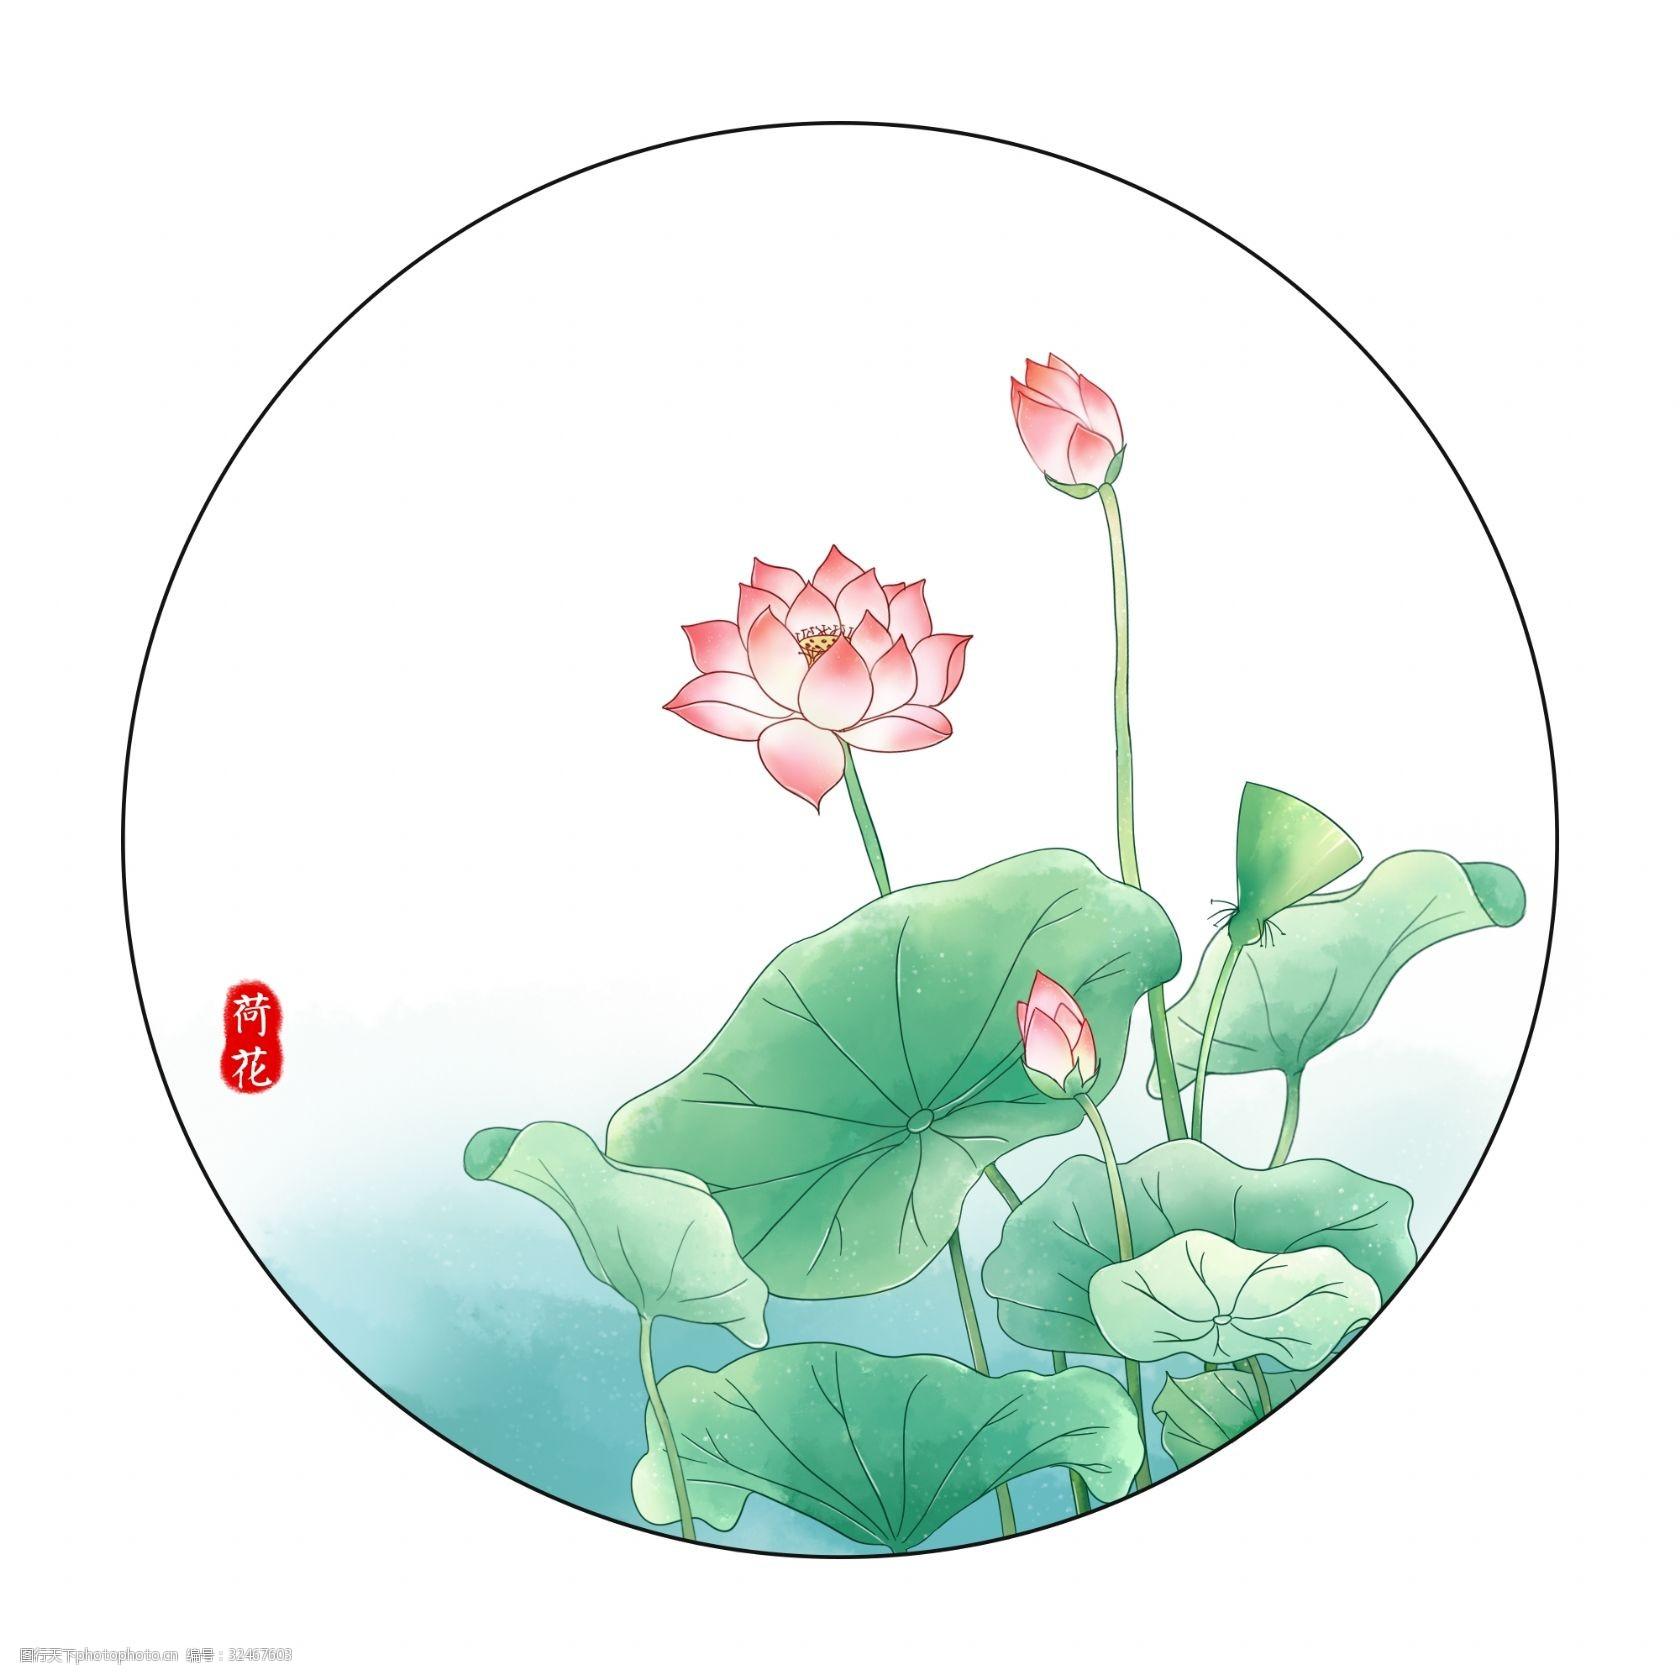 荷花 荷葉 手繪荷花 唯美荷花 水彩植物 荷塘月色 中國風 古風荷花